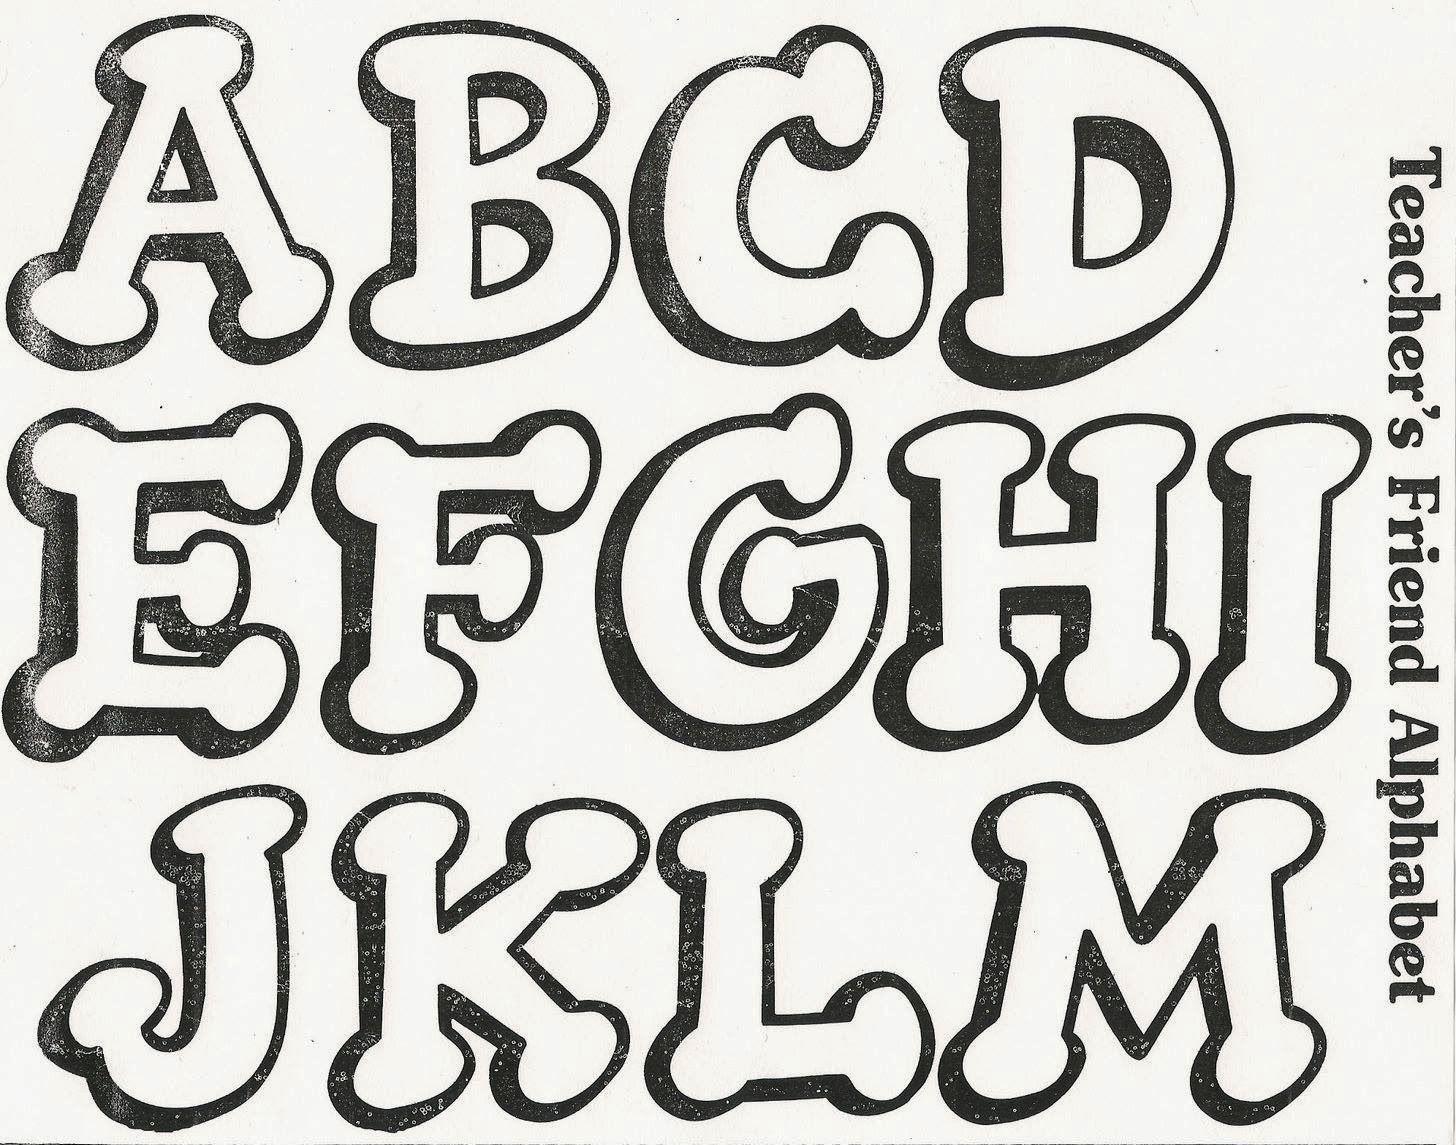 Abifomy Manualidades y Detalles: MOLDES DE LETRAS | alfabeto ...